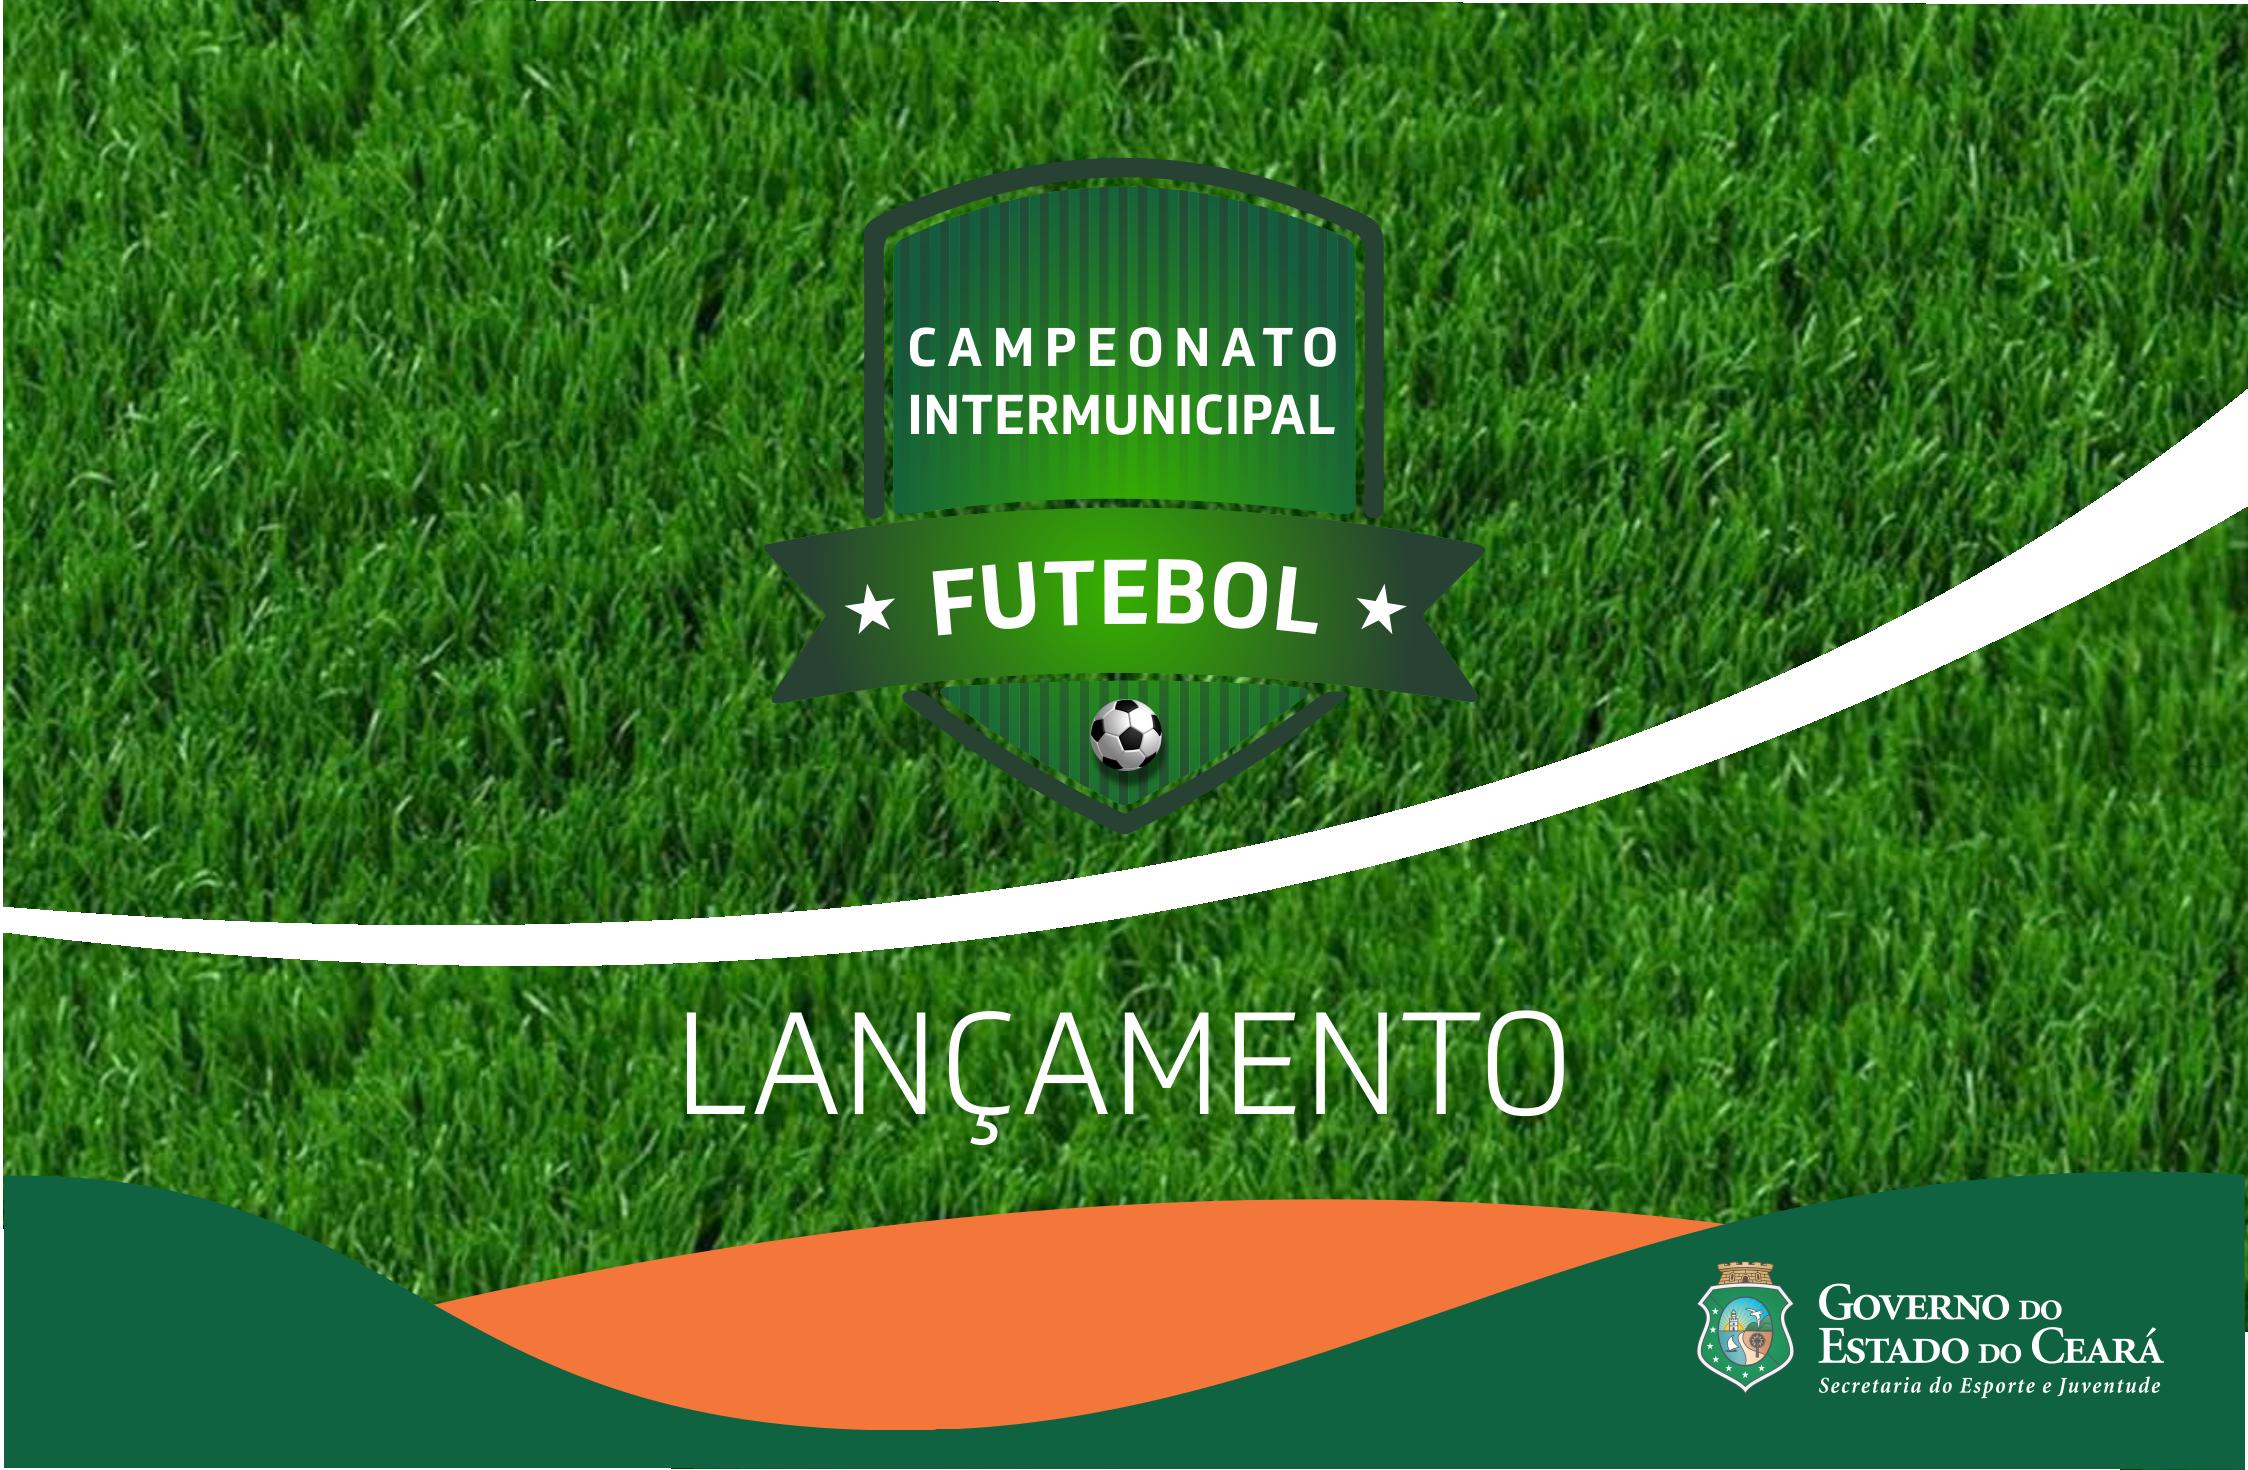 Sejuv realiza solenidade de lançamento do Campeonato Intermunicipal de Futebol nesta sexta-feira (19)